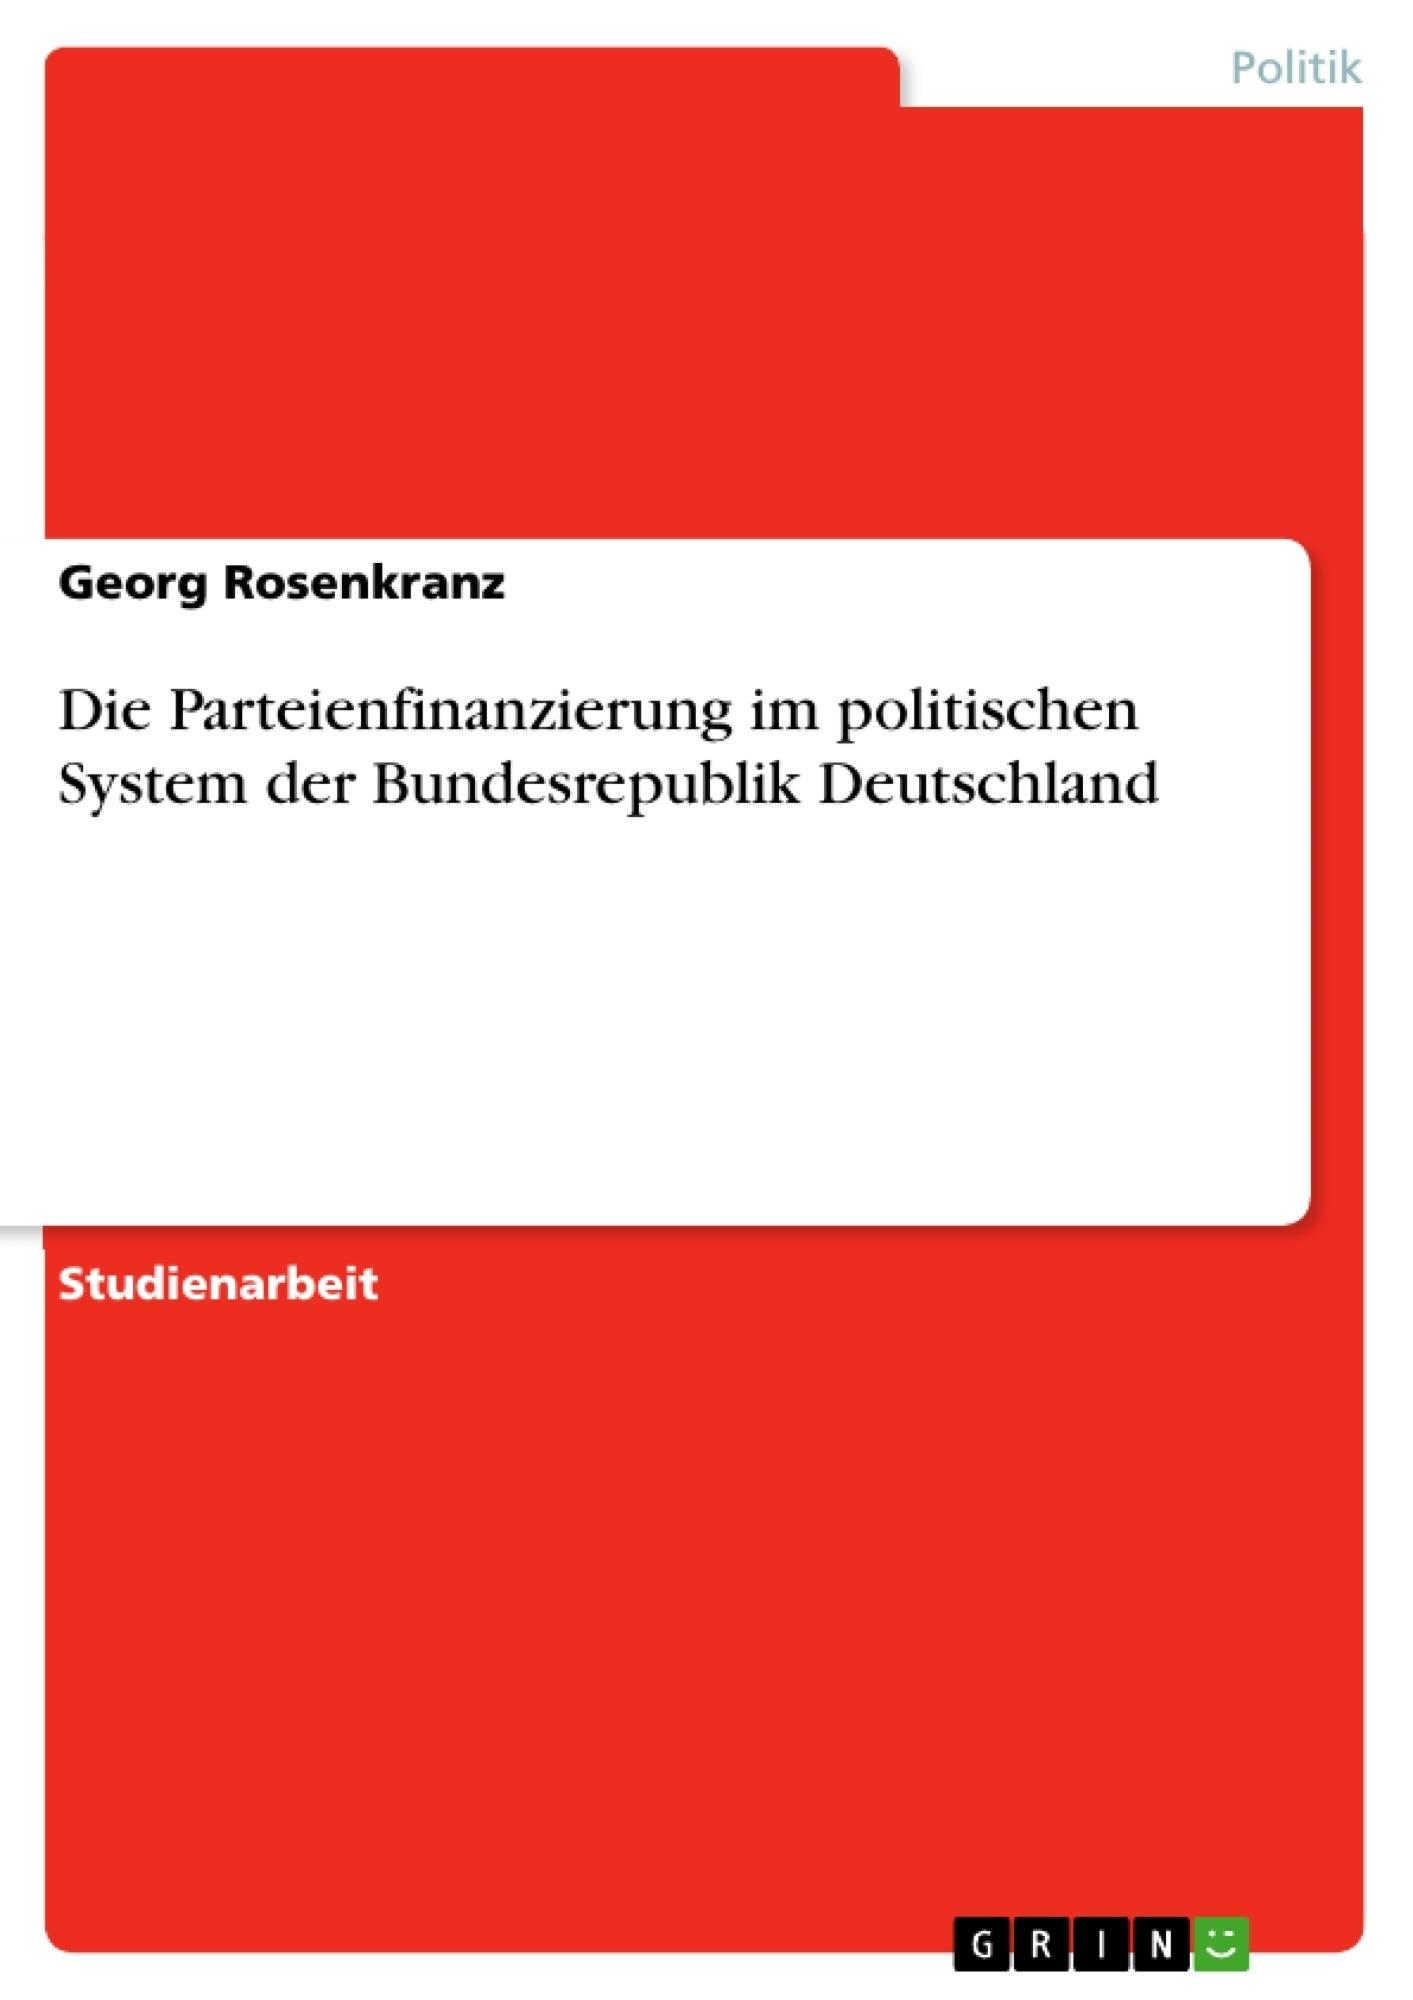 Titel: Die Parteienfinanzierung im politischen System der Bundesrepublik Deutschland